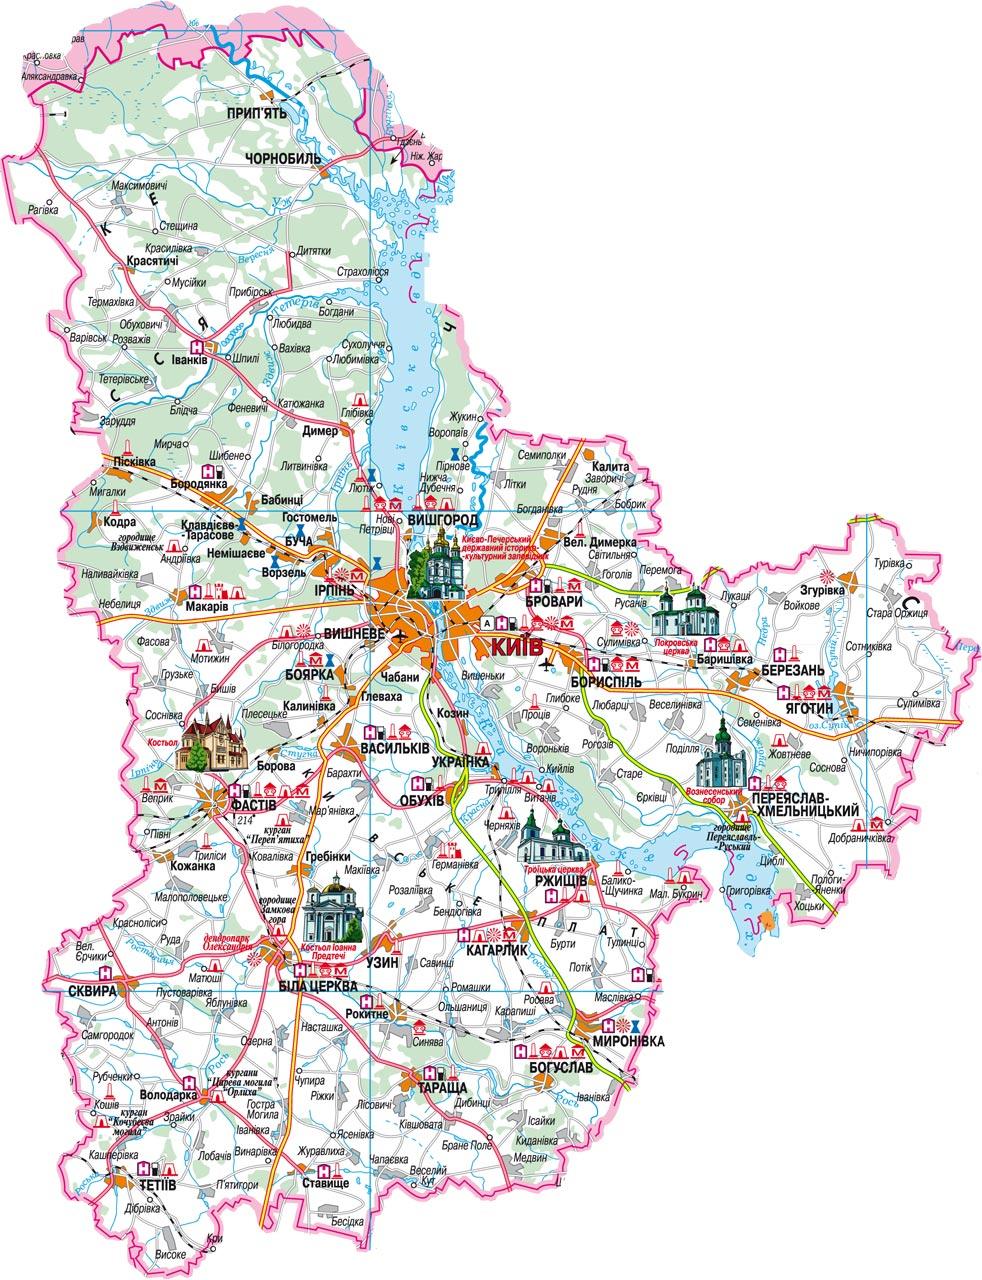 Схема киевская область